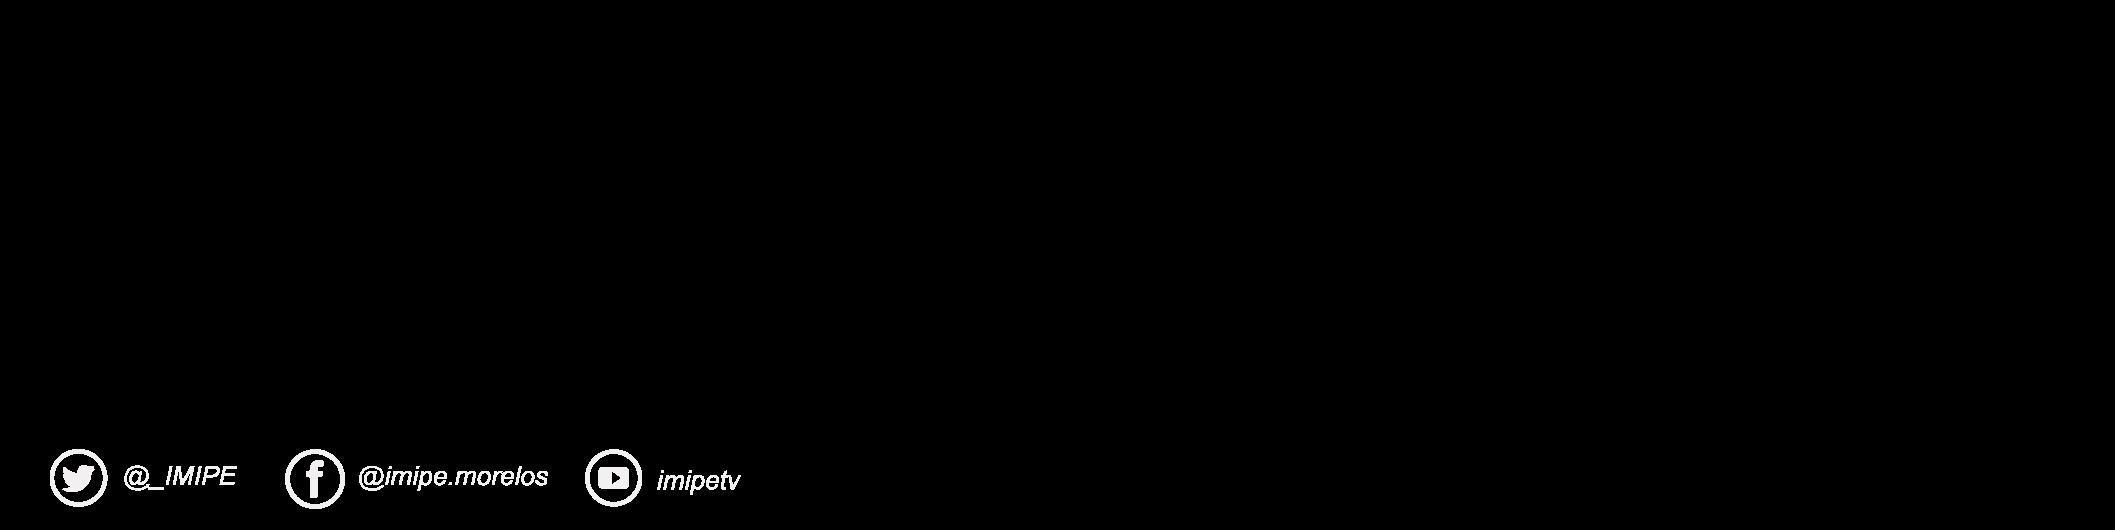 capacitaciones-virtuales-redes.png